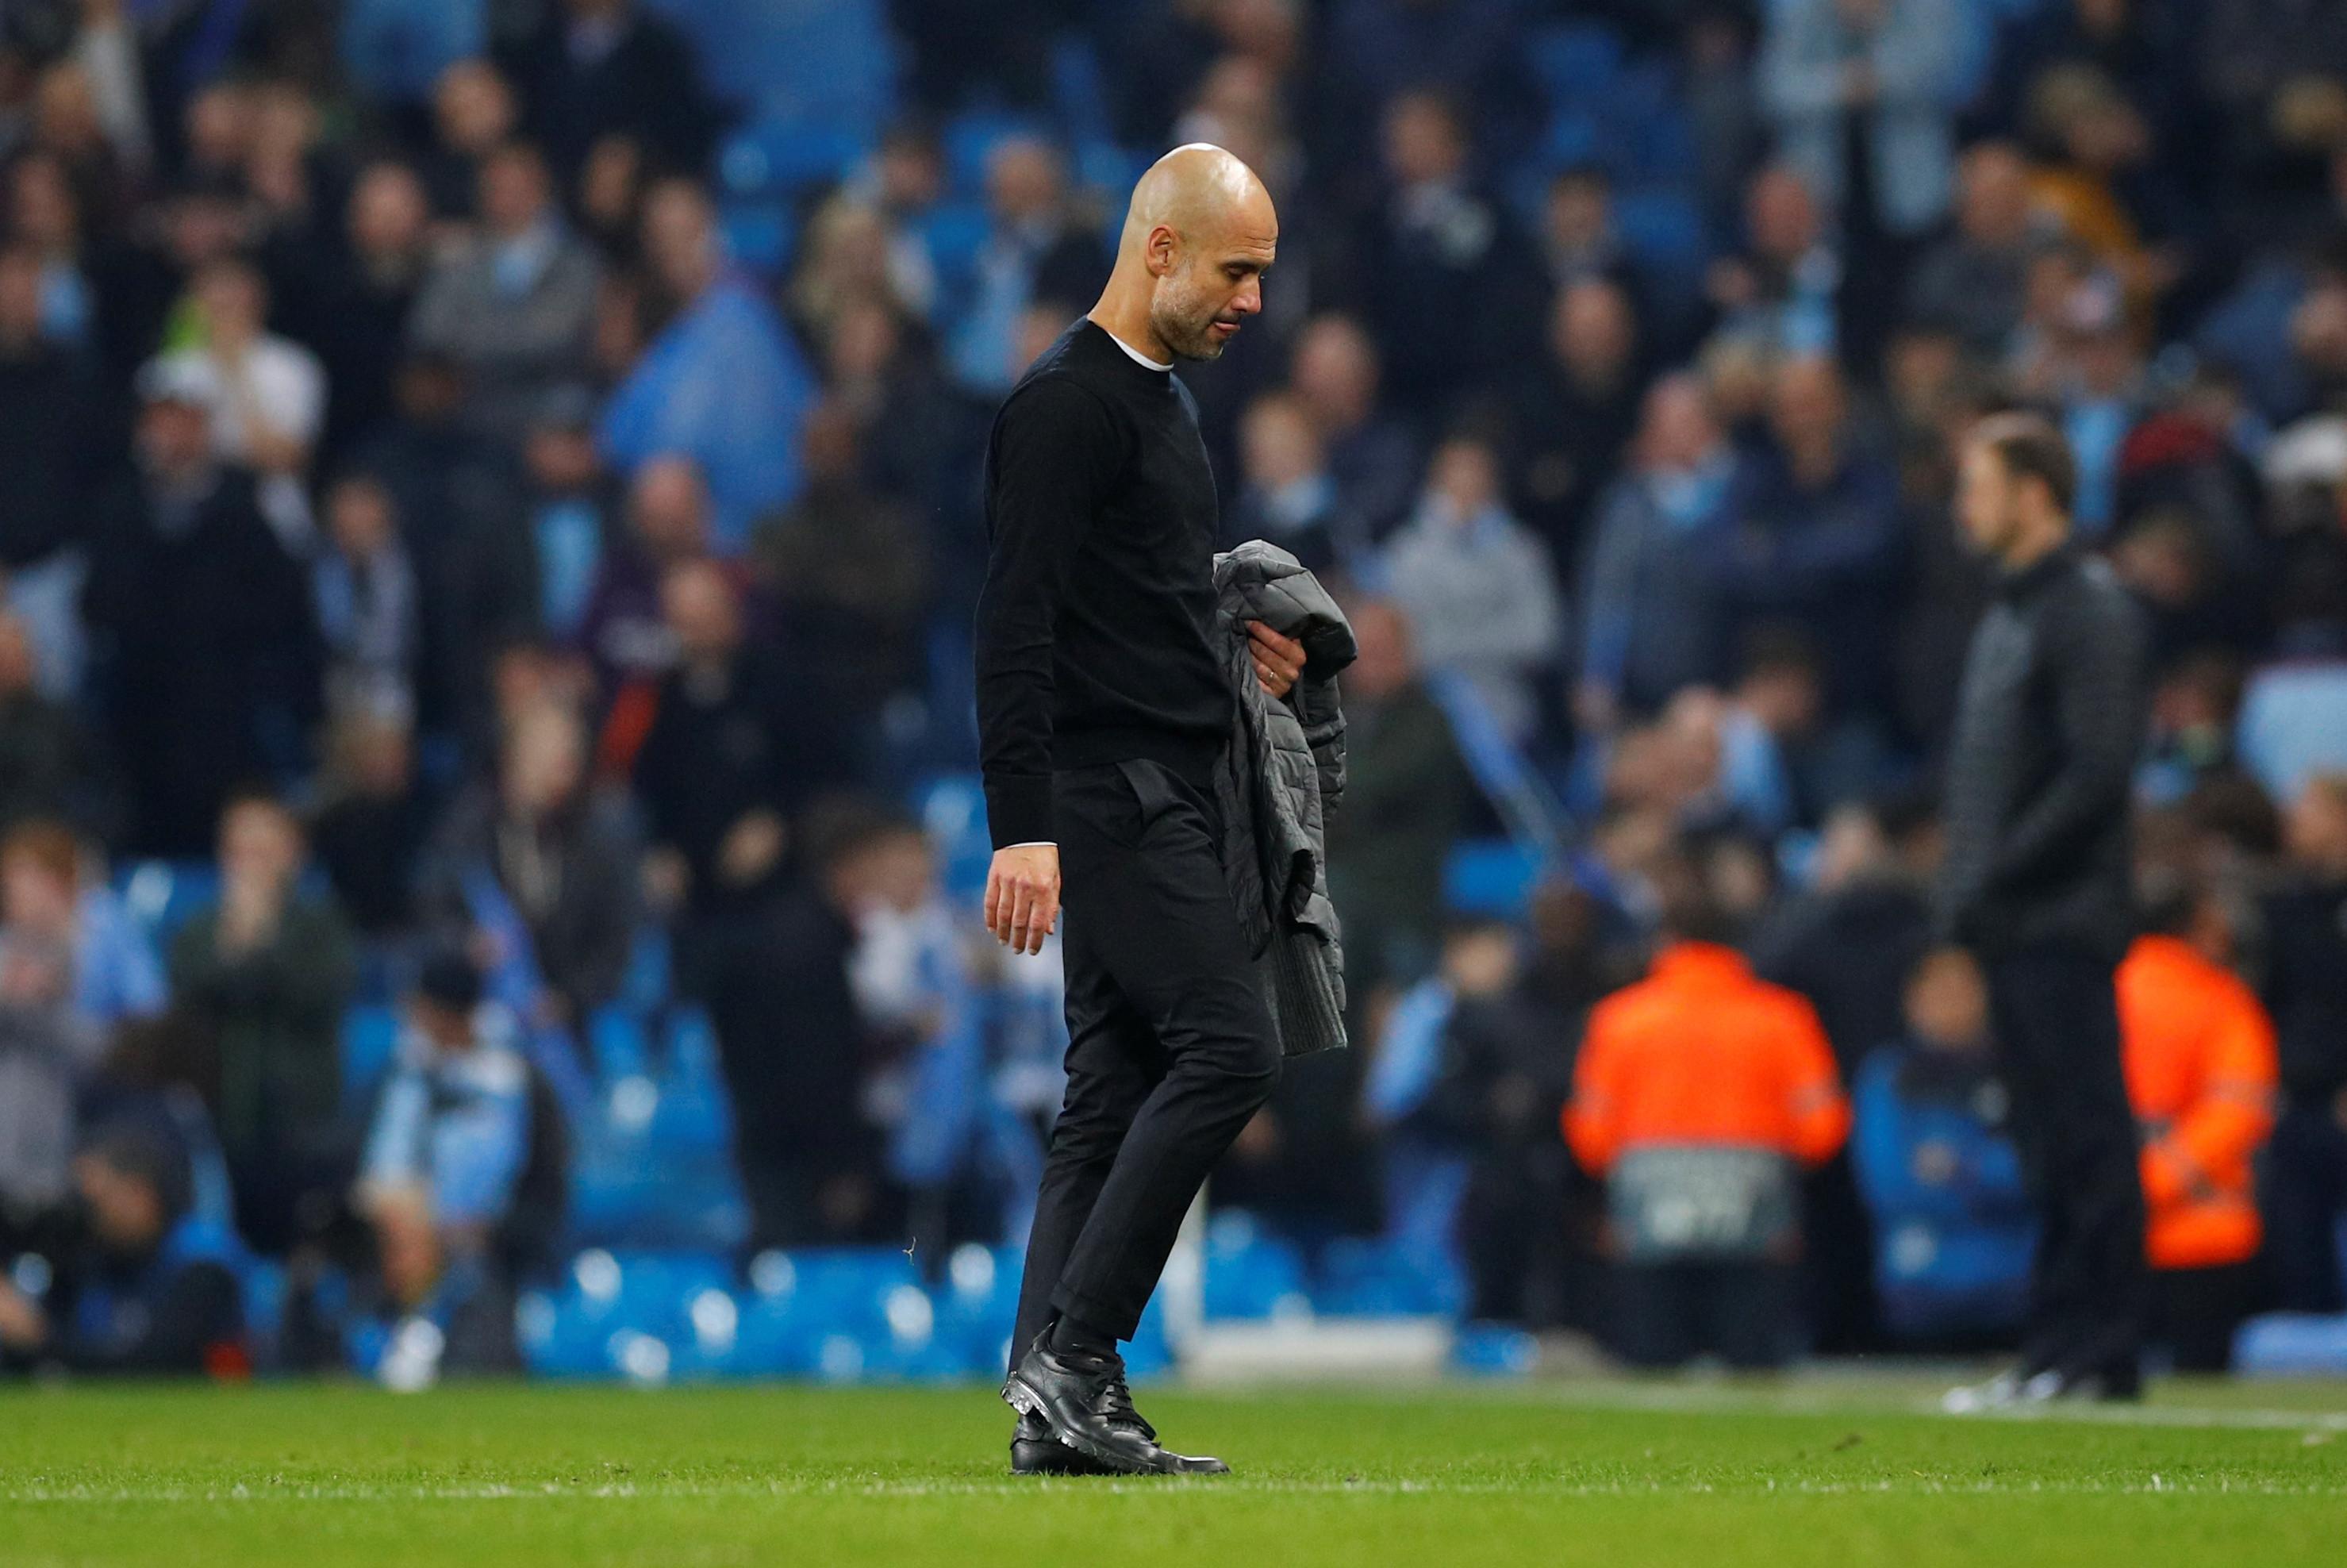 """Guardiola desolado: """"É duro. É cruel. Mas temos de aceitar"""""""